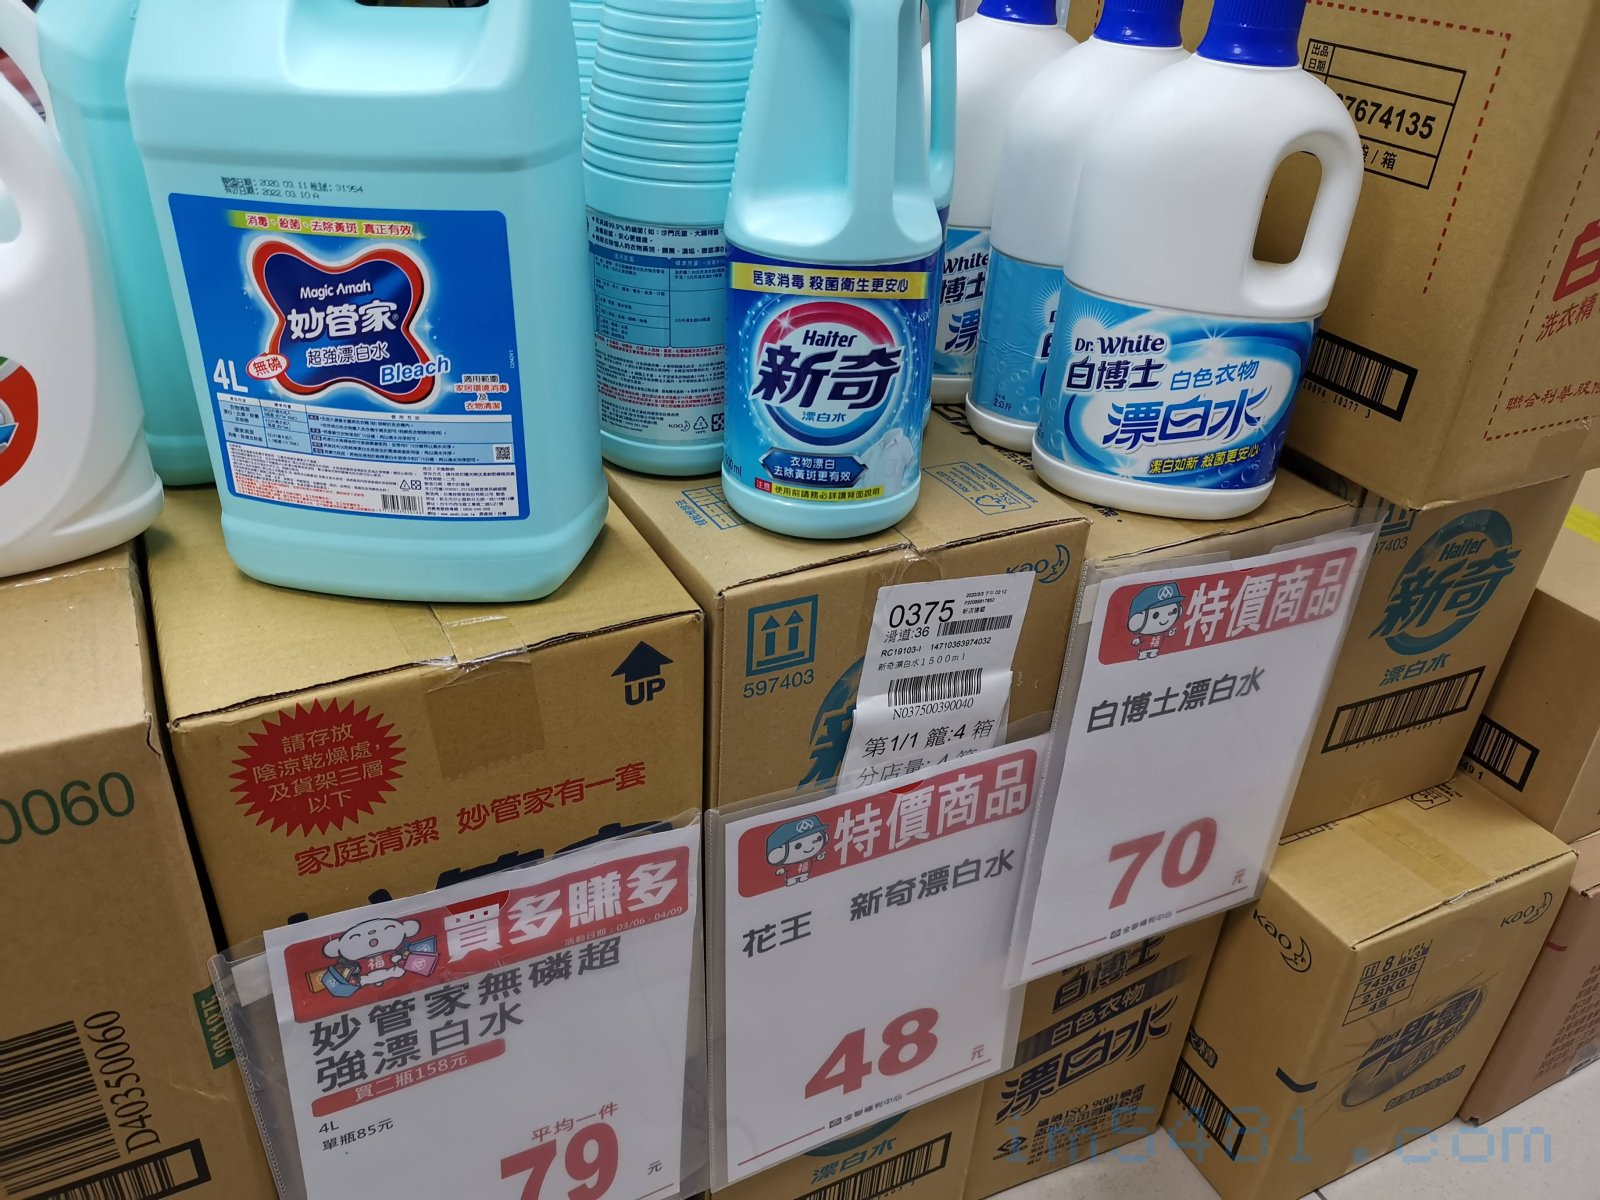 全聯特價販賣的漂白水